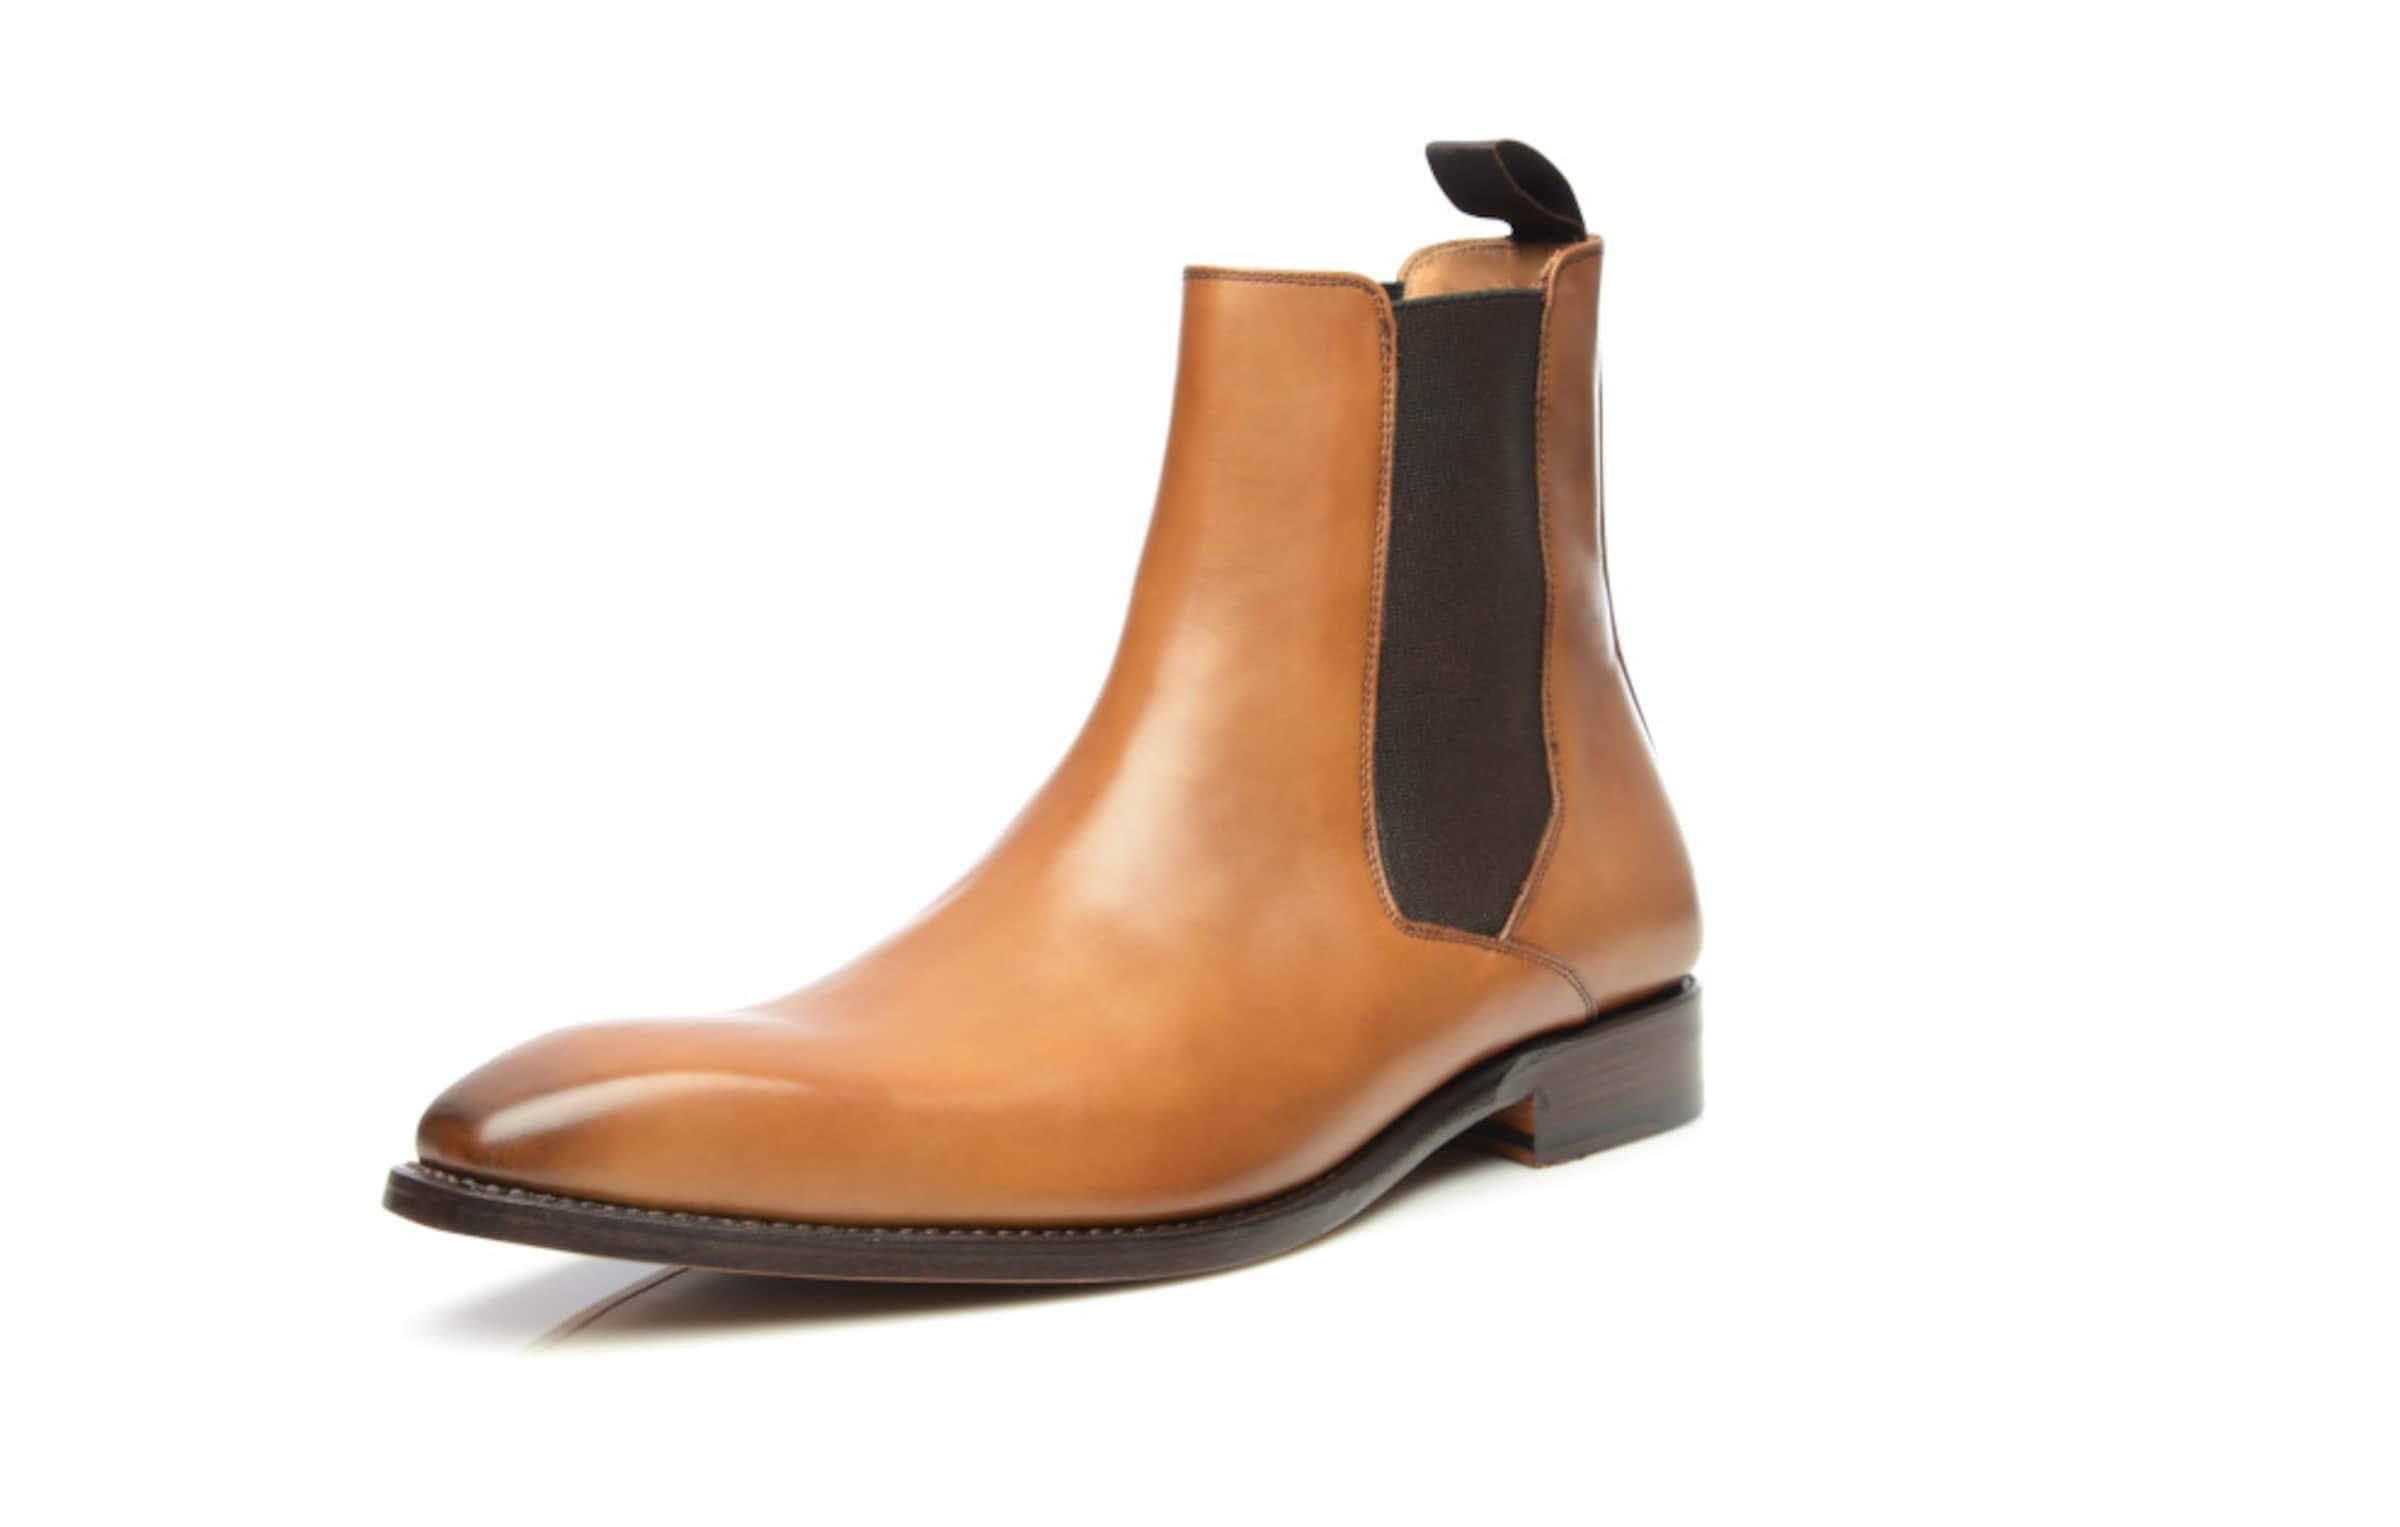 SHOEPASSION Boots No. 660 Verschleißfeste billige Schuhe